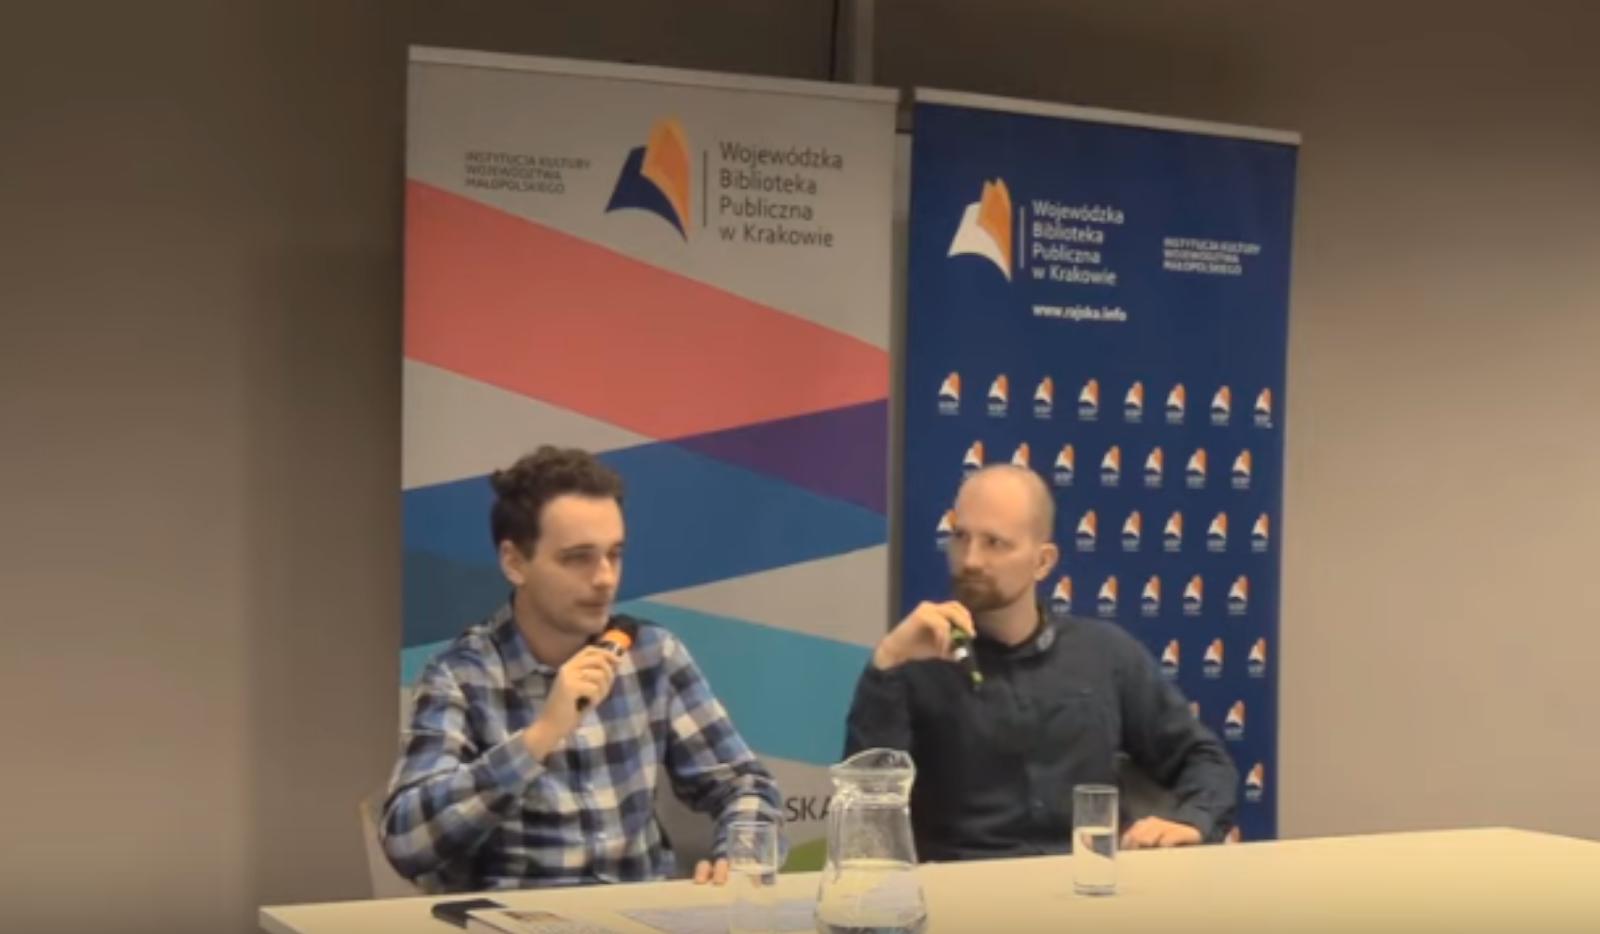 Spotkanie autorskie w Krakowie